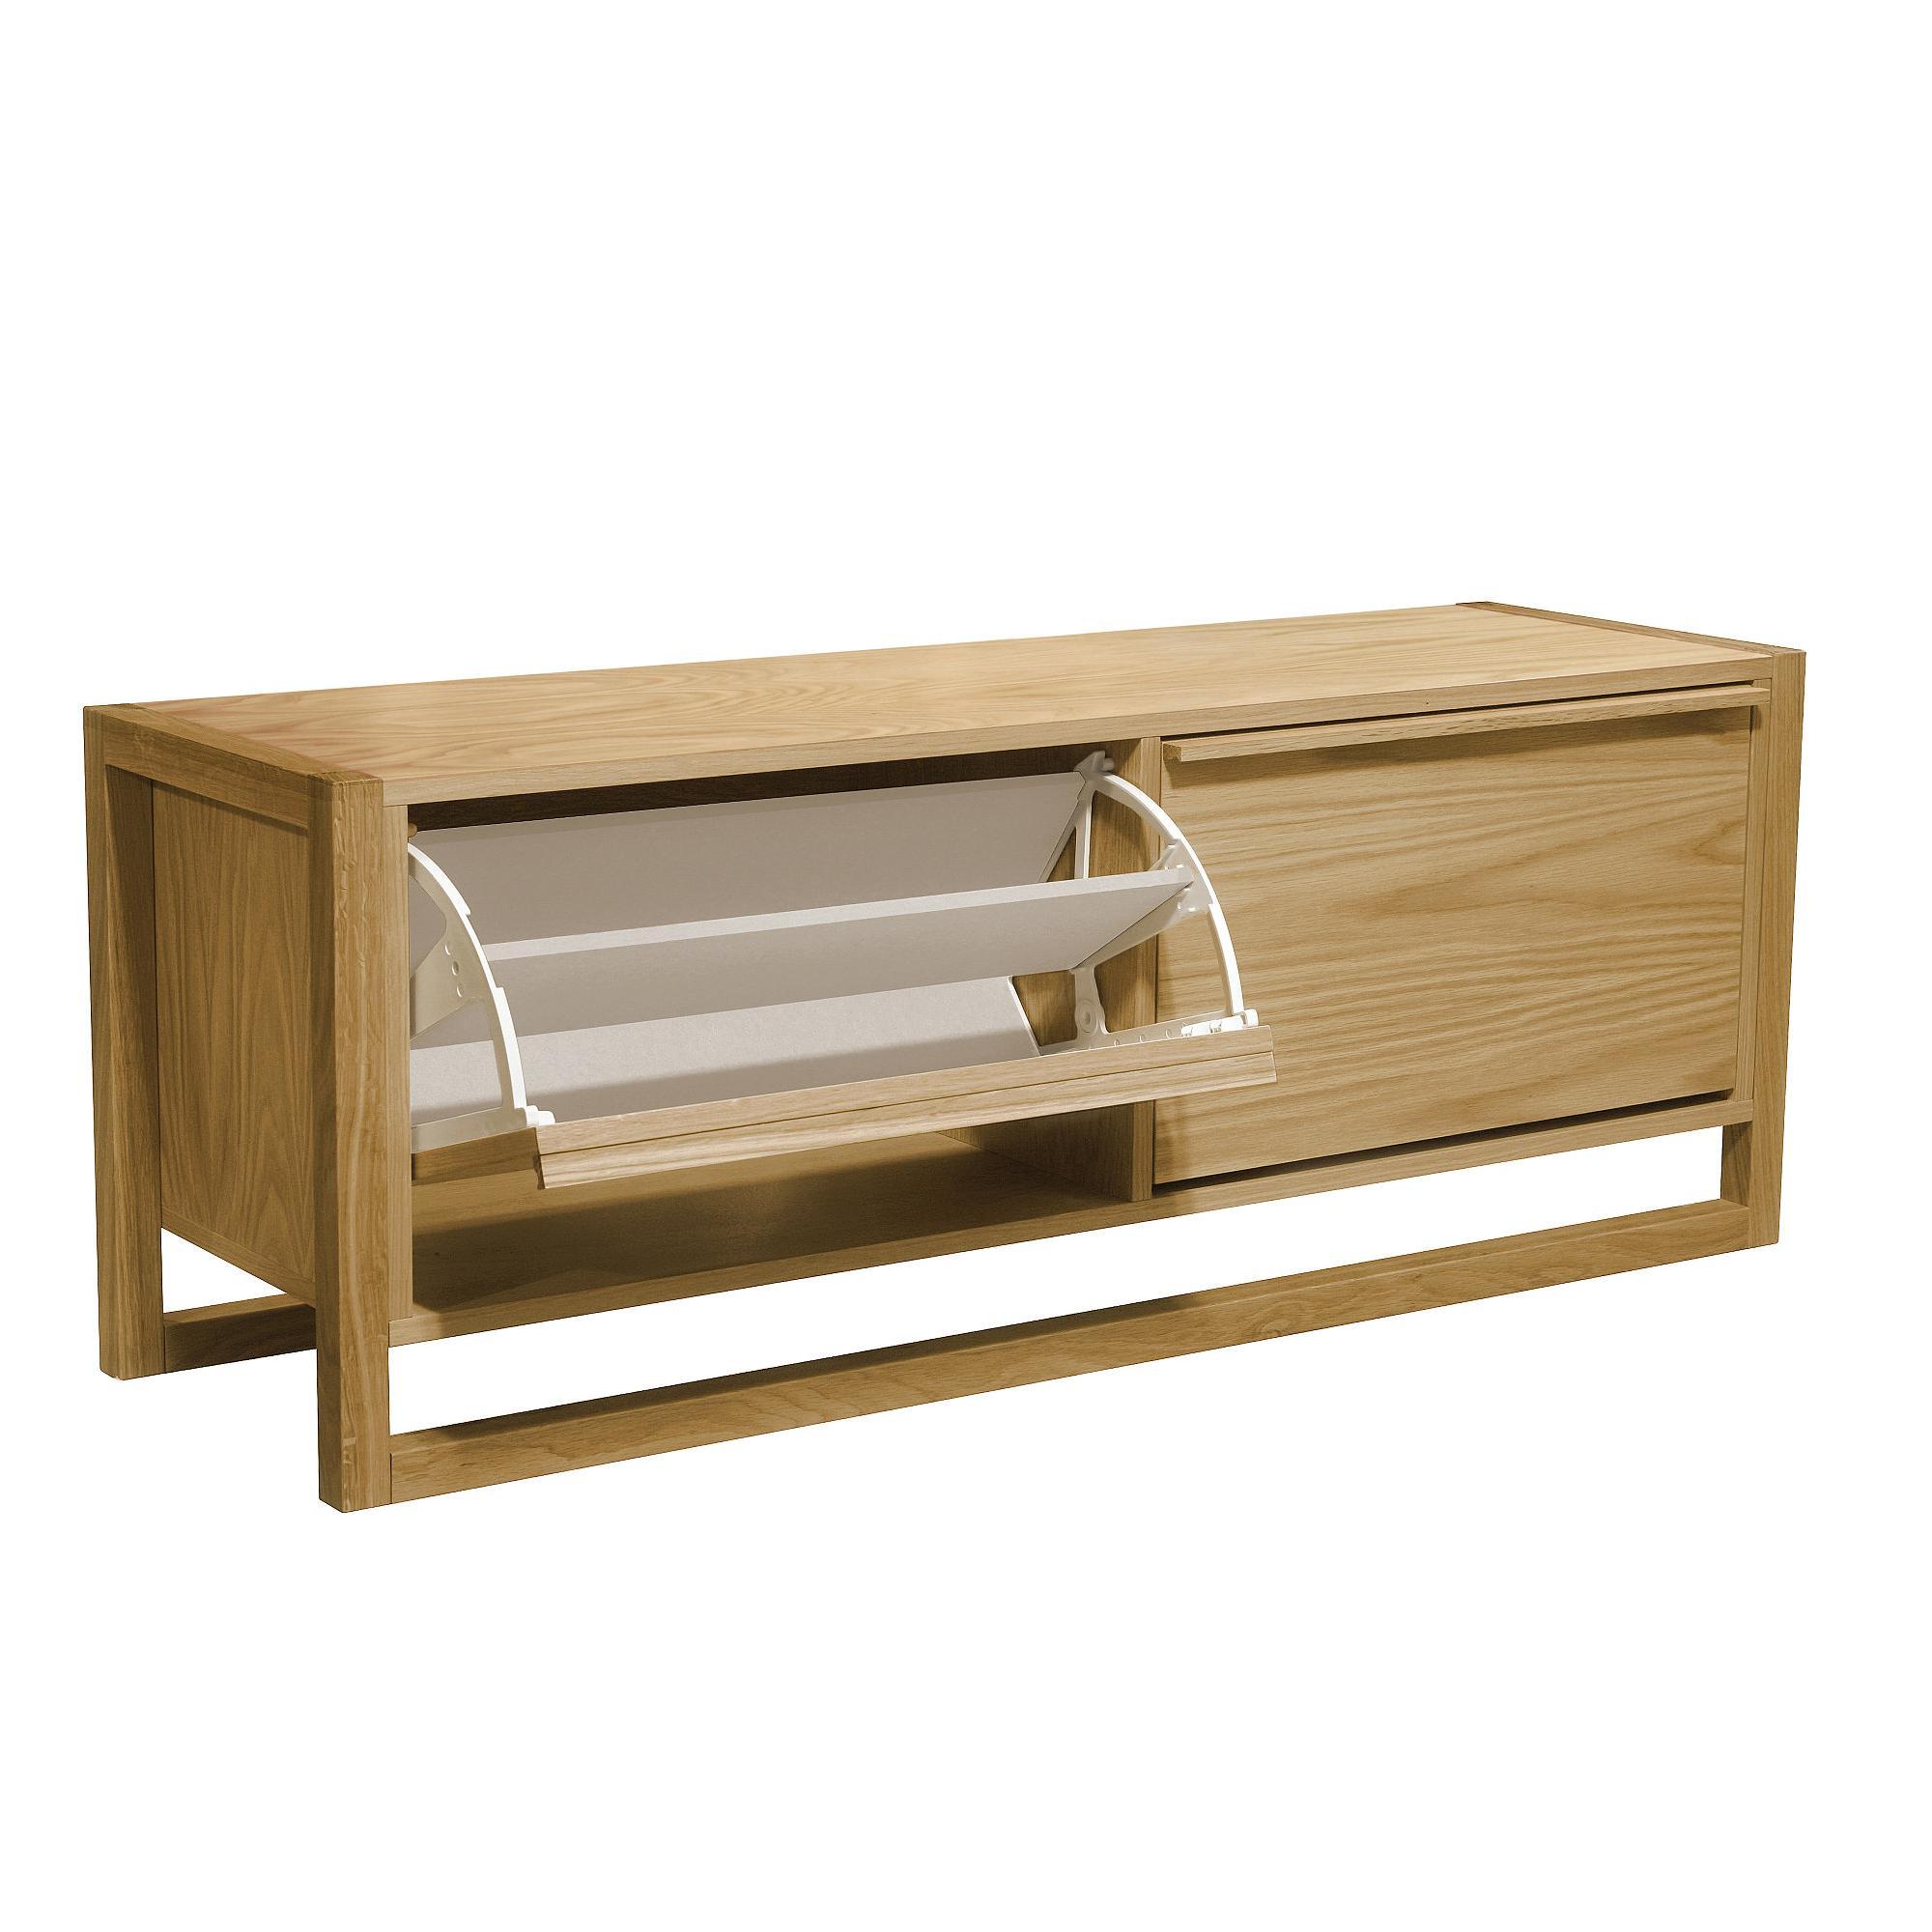 Scarpiera panca due porte New Est 120x38xh50 cm peso 31 kg in legno colore legno di rovere